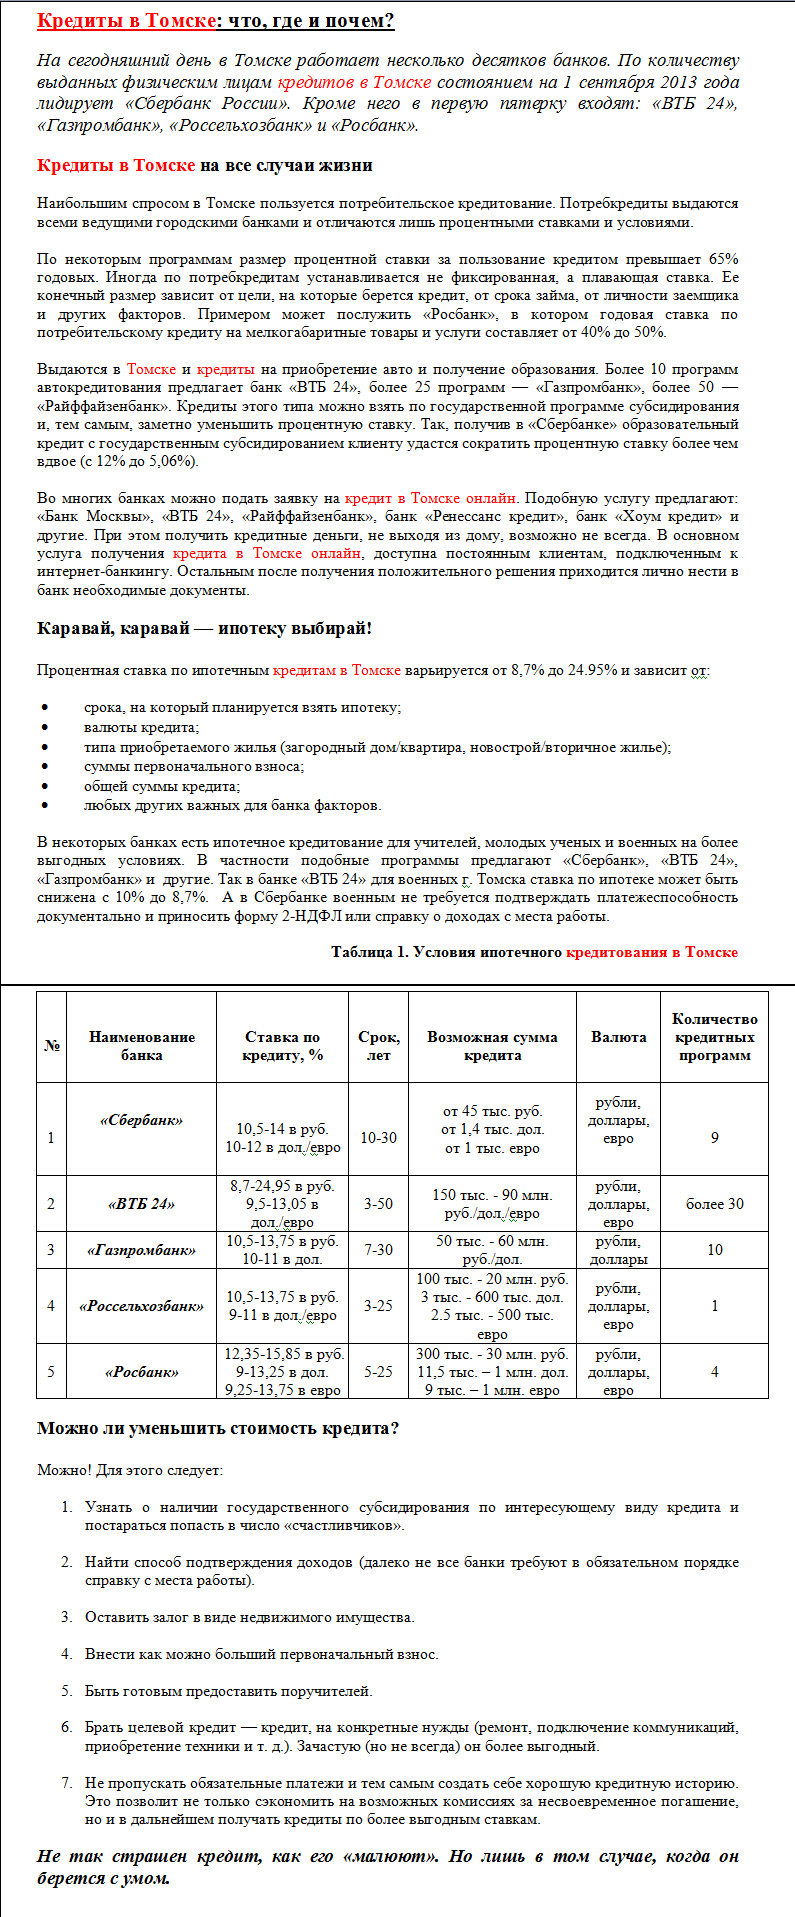 Кредиты в Томске. Обзор банков